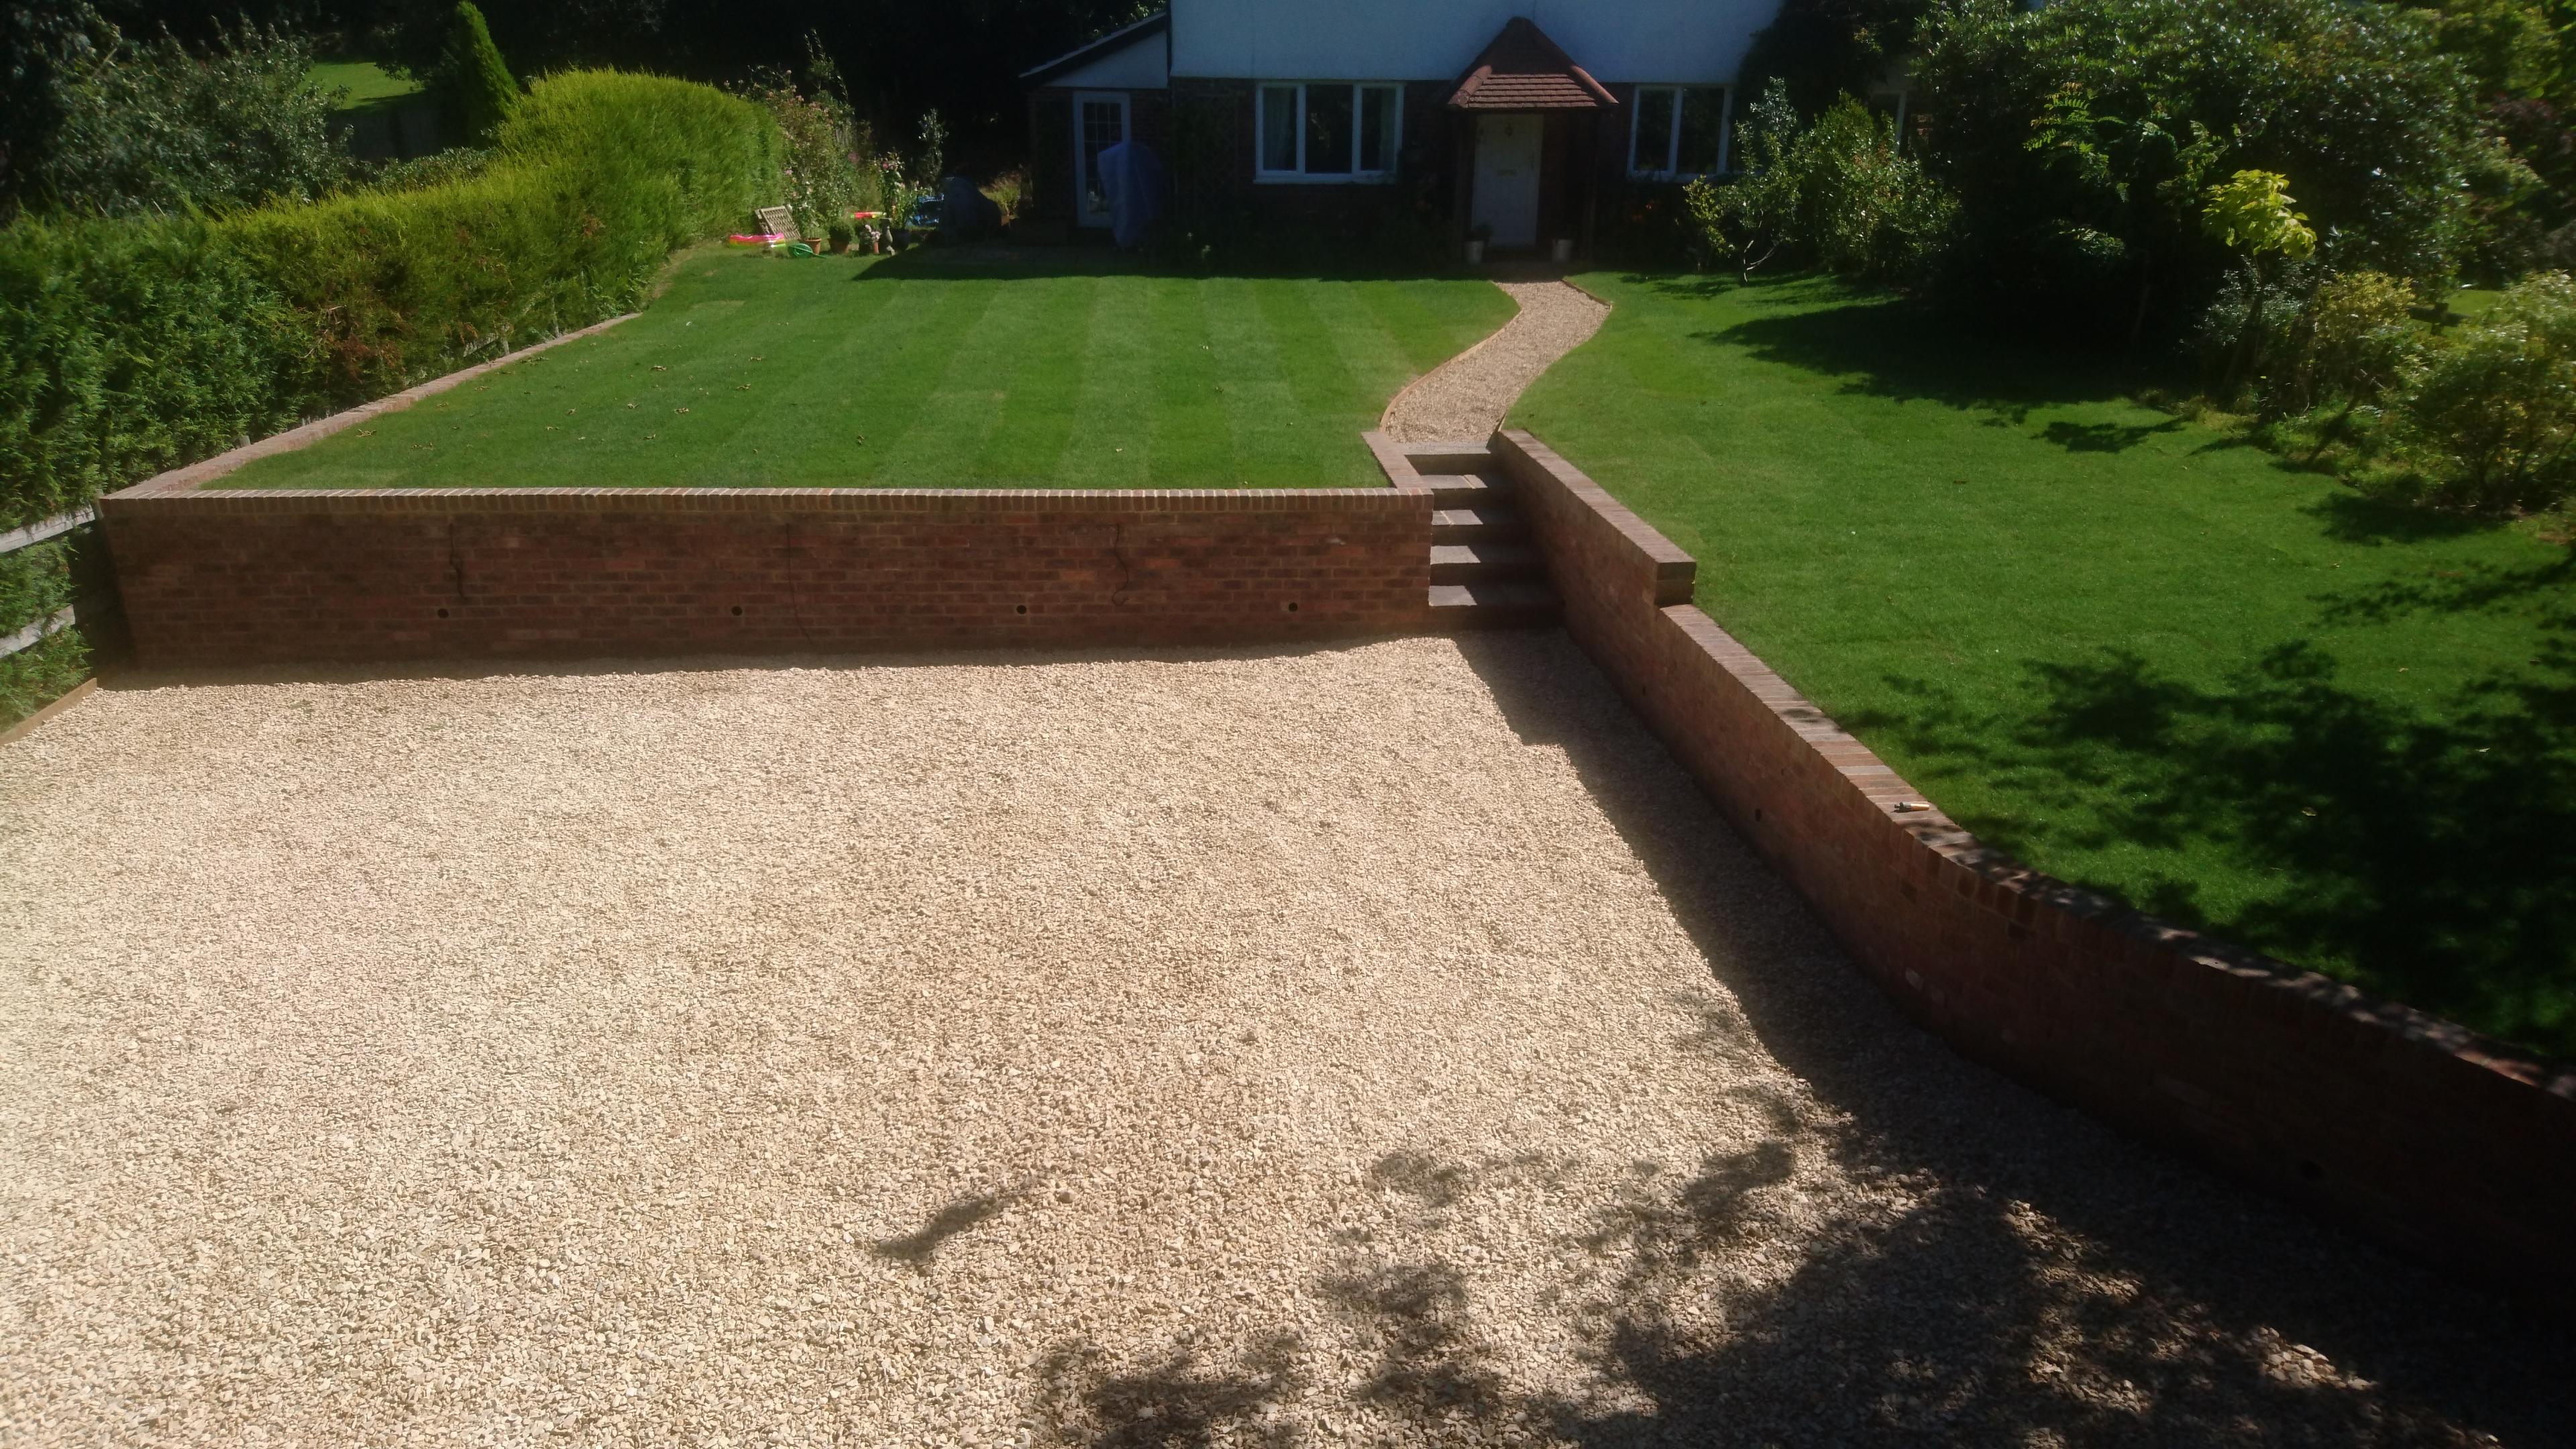 Brick retaining wall and driveway